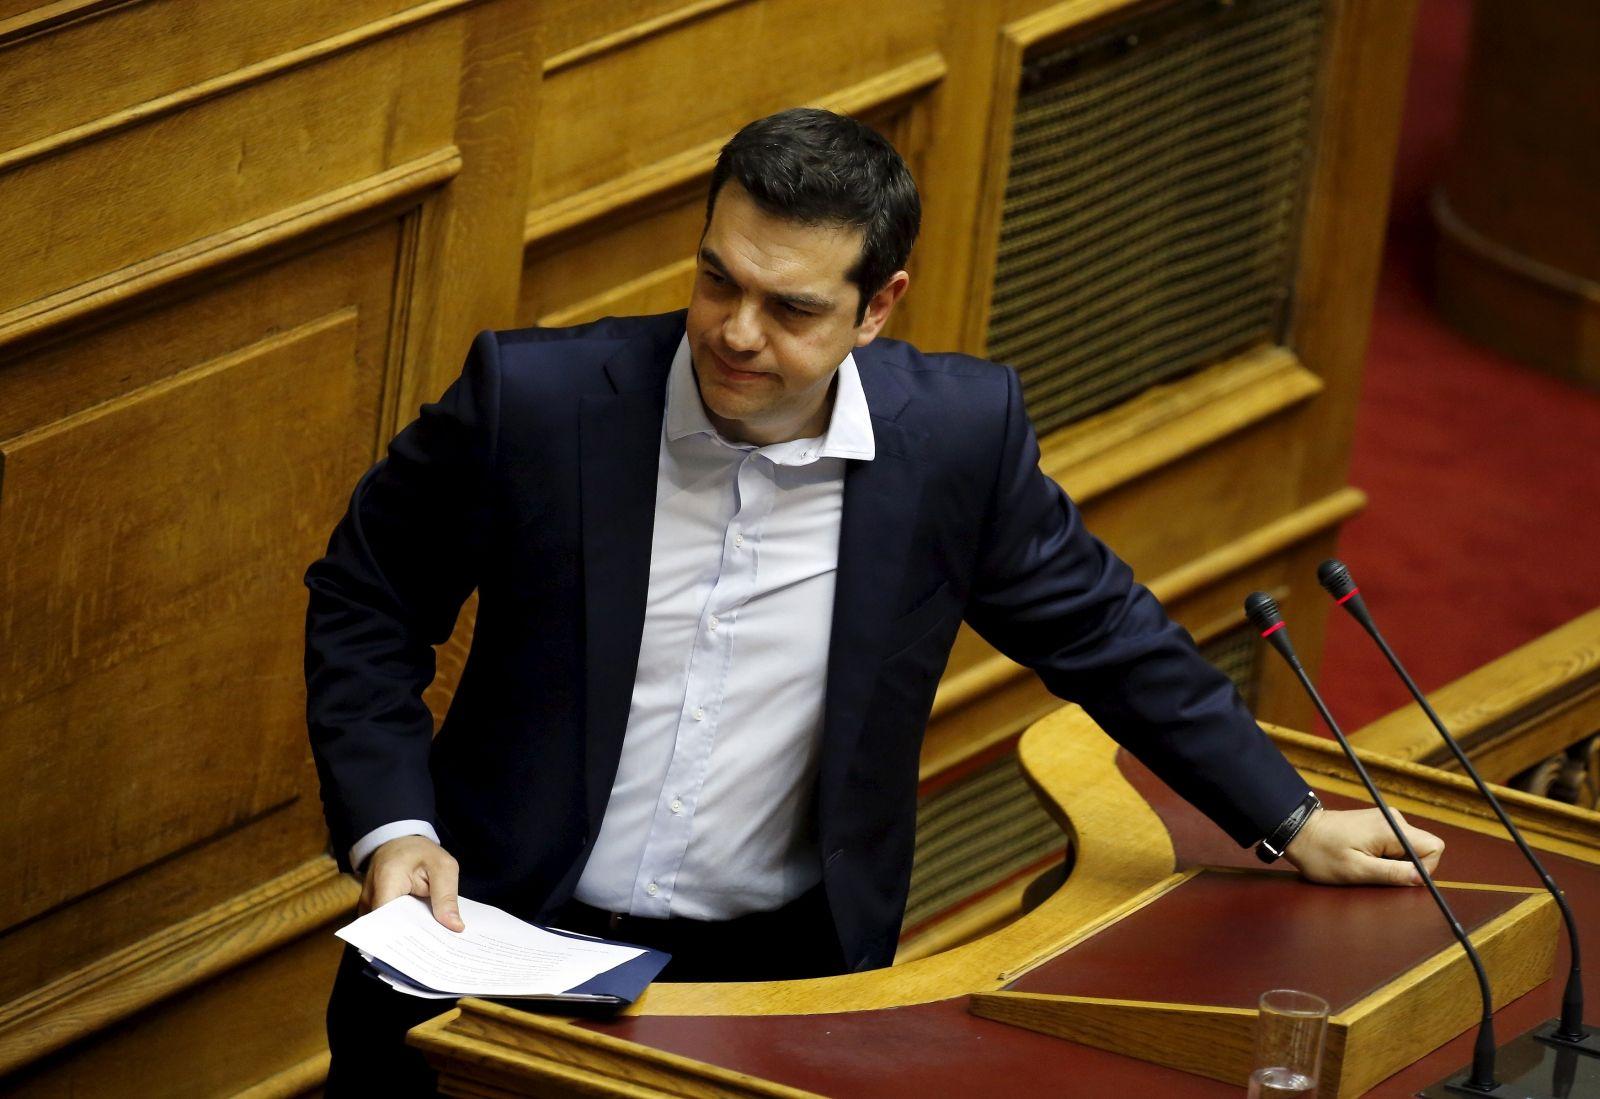 Alexis Tsipras backs down